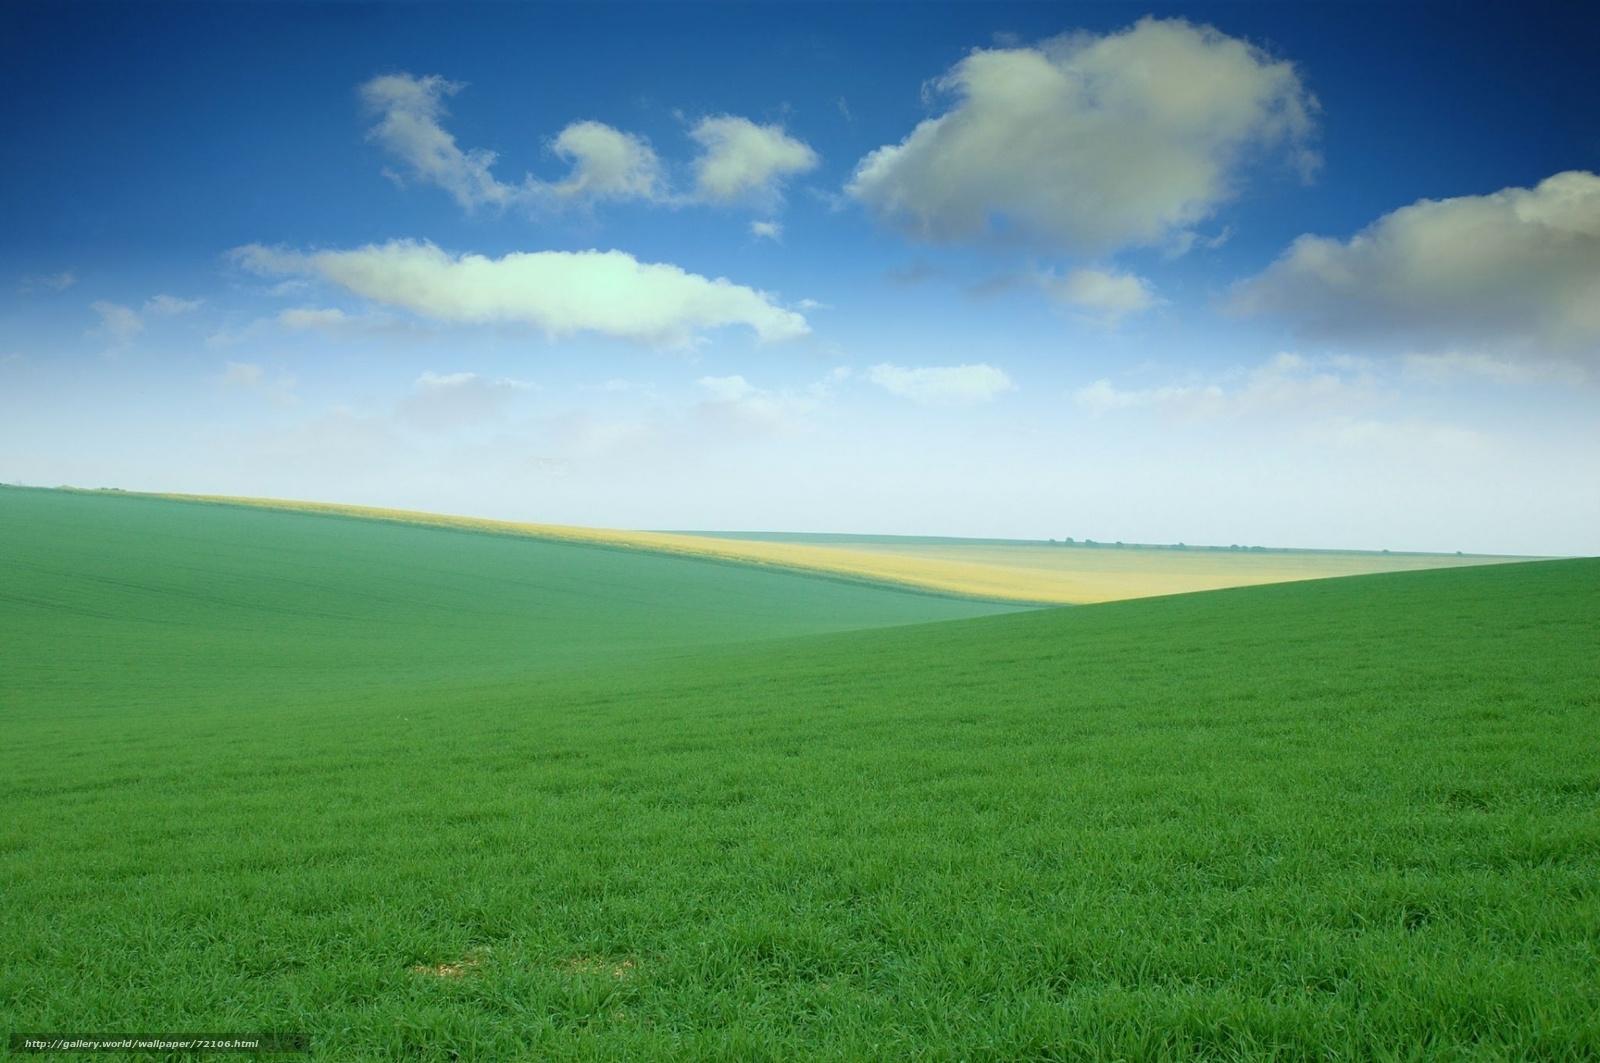 Hq alan, gökyüzü, çimen, çayır, açık alanlar, 1920x1275 resim